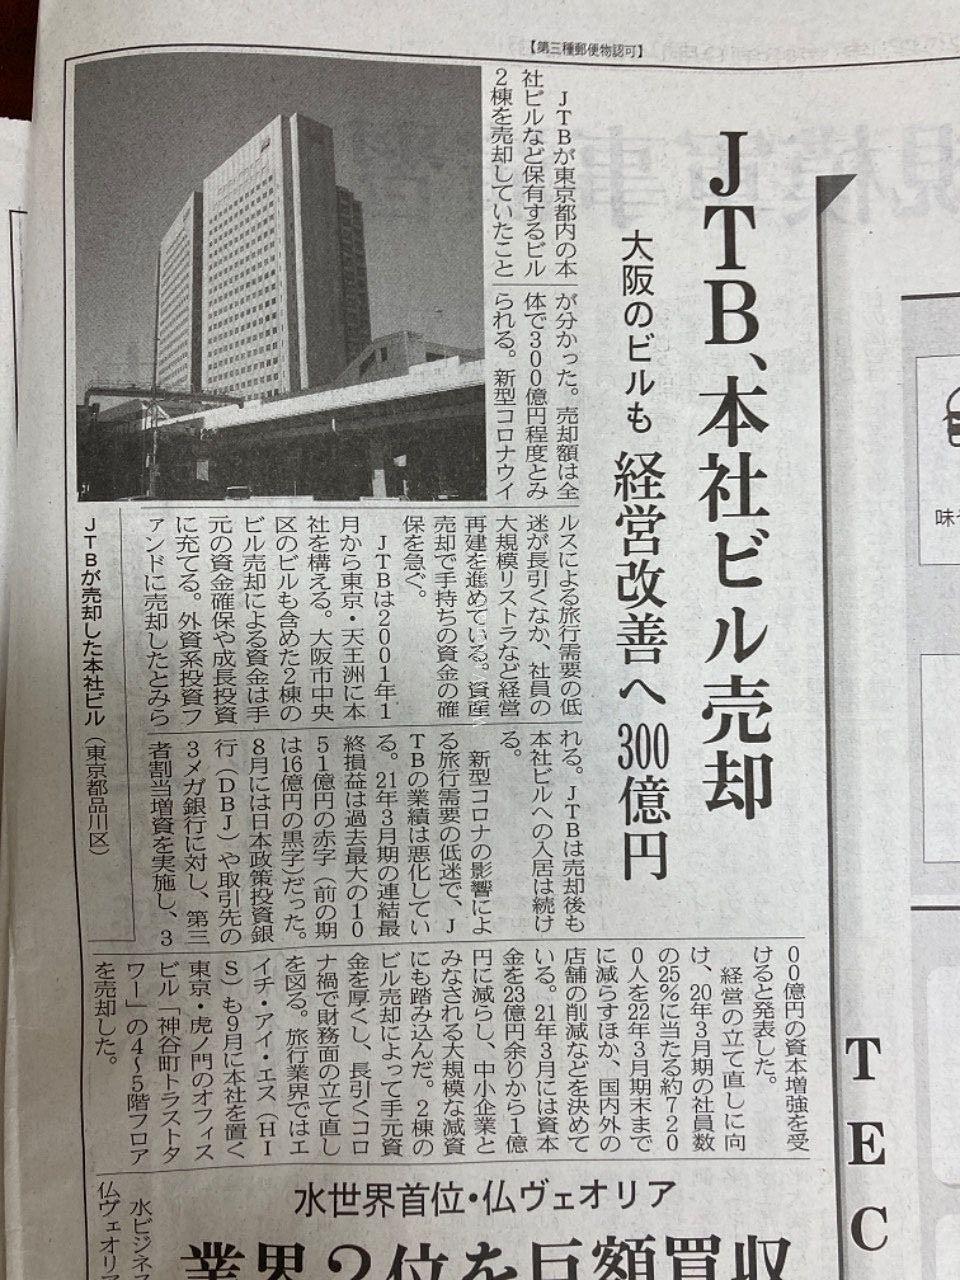 9/14日経新聞